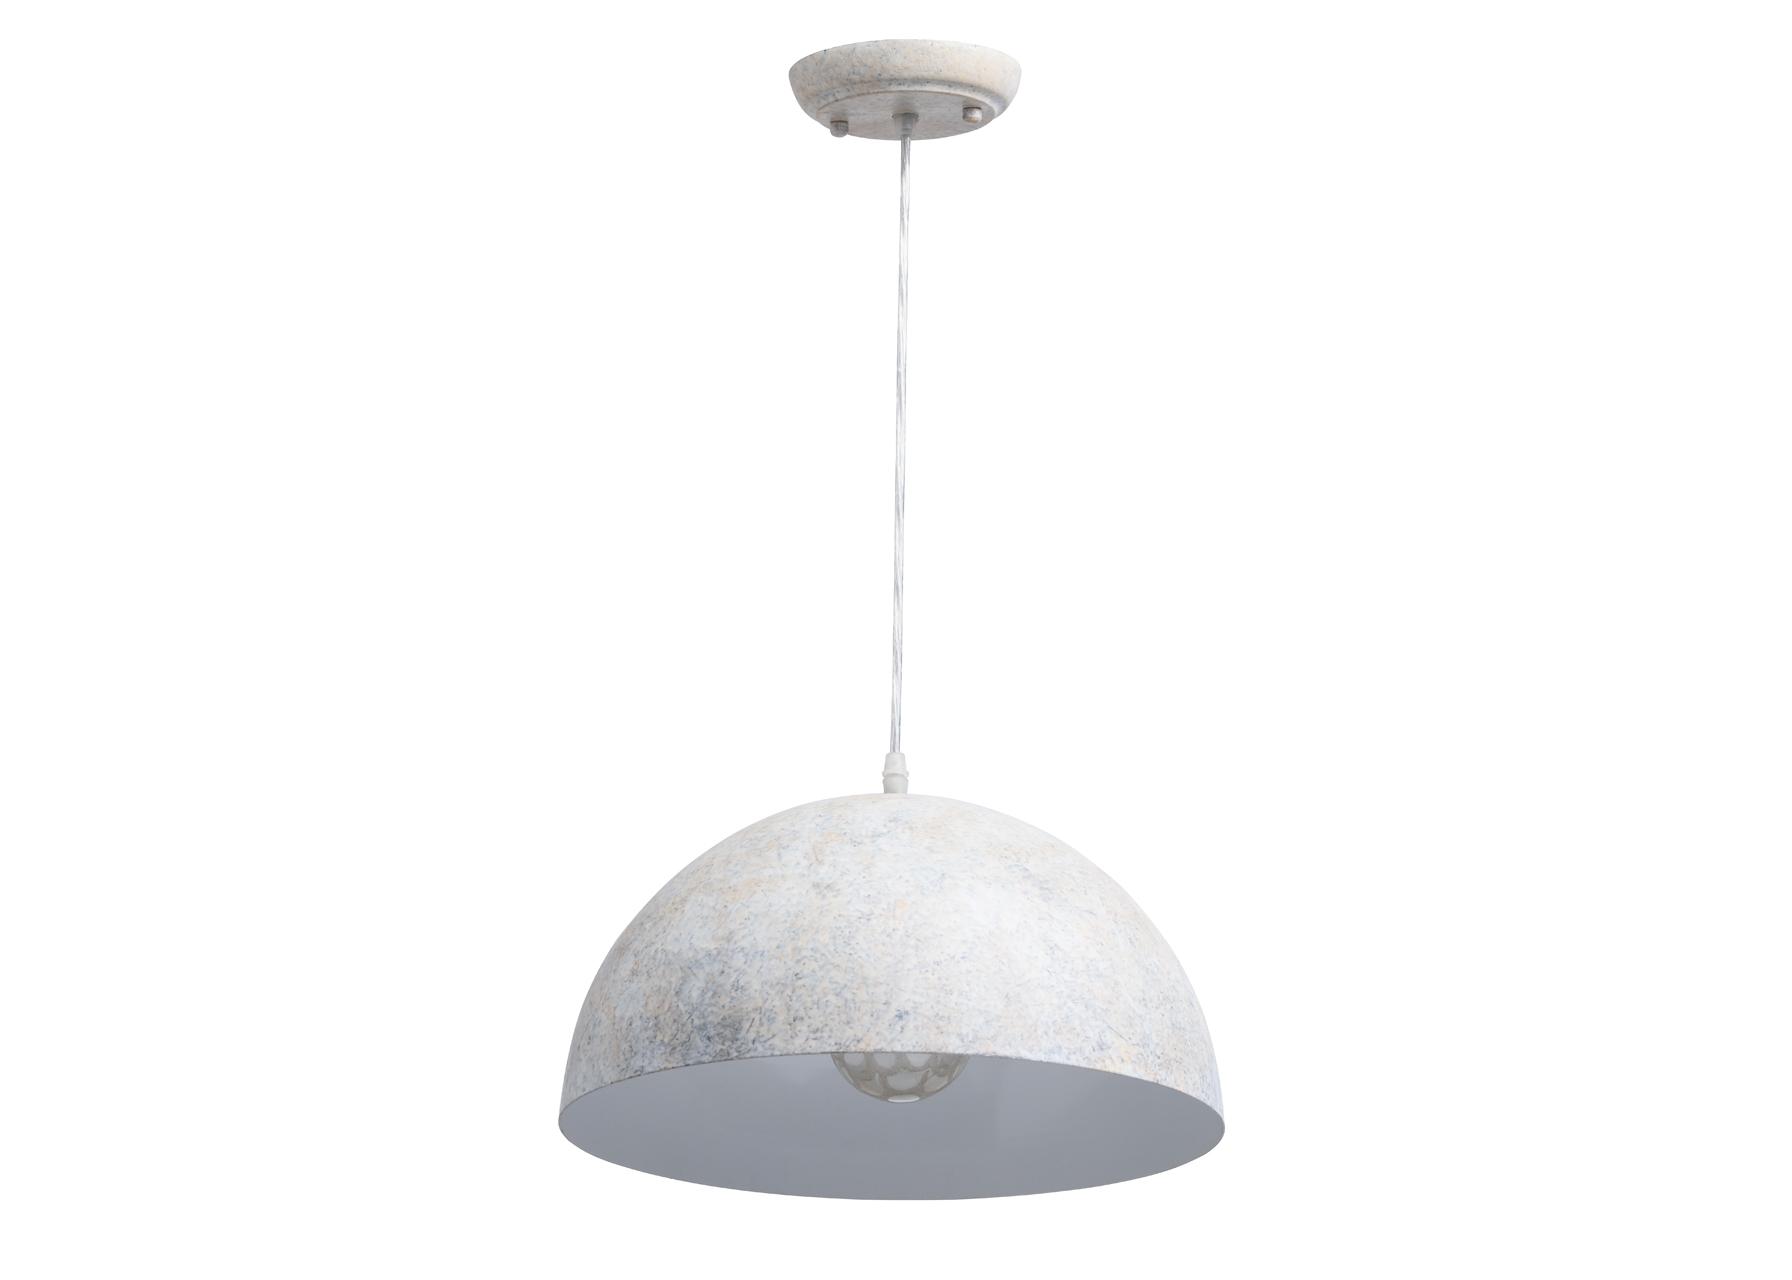 Подвесной светильник ГалатеяПодвесные светильники<br>&amp;lt;div&amp;gt;Простой и вместе с тем необычный подвесной светильник из коллекции&amp;lt;/div&amp;gt;&amp;lt;div&amp;gt;«Галатея» - находка для любителей оригинальных решений в интерьере. Главная&amp;amp;nbsp;&amp;lt;span style=&amp;quot;line-height: 1.78571;&amp;quot;&amp;gt;изюминка этой люстры – нестандартное цветовое оформление – металлическое&amp;amp;nbsp;&amp;lt;/span&amp;gt;&amp;lt;span style=&amp;quot;line-height: 1.78571;&amp;quot;&amp;gt;основание и абажур выполнены под мрамор. Куполообразная форма абажура и&amp;amp;nbsp;&amp;lt;/span&amp;gt;&amp;lt;span style=&amp;quot;line-height: 1.78571;&amp;quot;&amp;gt;стильный, минималистический дизайн делают светильник идеально подходящим&amp;amp;nbsp;&amp;lt;/span&amp;gt;&amp;lt;span style=&amp;quot;line-height: 1.78571;&amp;quot;&amp;gt;для зонального освещения.&amp;lt;/span&amp;gt;&amp;lt;/div&amp;gt;&amp;lt;div&amp;gt;&amp;lt;span style=&amp;quot;line-height: 1.78571;&amp;quot;&amp;gt;&amp;lt;br&amp;gt;&amp;lt;/span&amp;gt;&amp;lt;/div&amp;gt;&amp;lt;div&amp;gt;Мощность/кол-во ламп 1*15W LED E27 220 V IP20&amp;lt;/div&amp;gt;&amp;lt;div&amp;gt;Сила светового потока: 450 Лм (Люмен)&amp;lt;/div&amp;gt;&amp;lt;div&amp;gt;Цветовая температура: 6000/3000-3200K&amp;lt;/div&amp;gt;&amp;lt;div&amp;gt;Стилевые решения интерьера: Освещение в современных&amp;lt;/div&amp;gt;&amp;lt;div&amp;gt;интерьерах, выполненных в стиле модерн, эклектика, арт-деко, фьюжен,лофт&amp;lt;/div&amp;gt;&amp;lt;div&amp;gt;Тип комнаты: Столовая, холл, освещение в кафе, ресторанах, гостиницах&amp;lt;/div&amp;gt;&amp;lt;div&amp;gt;Площадь освещенности: 6,5 м2&amp;lt;/div&amp;gt;&amp;lt;div&amp;gt;Вес: 2,6 кг&amp;lt;/div&amp;gt;&amp;lt;div&amp;gt;Крепление к потолку: на планку&amp;lt;/div&amp;gt;&amp;lt;div&amp;gt;Арматура: сплав металлов&amp;lt;/div&amp;gt;<br><br>Material: Металл<br>Height см: 120<br>Diameter см: 35